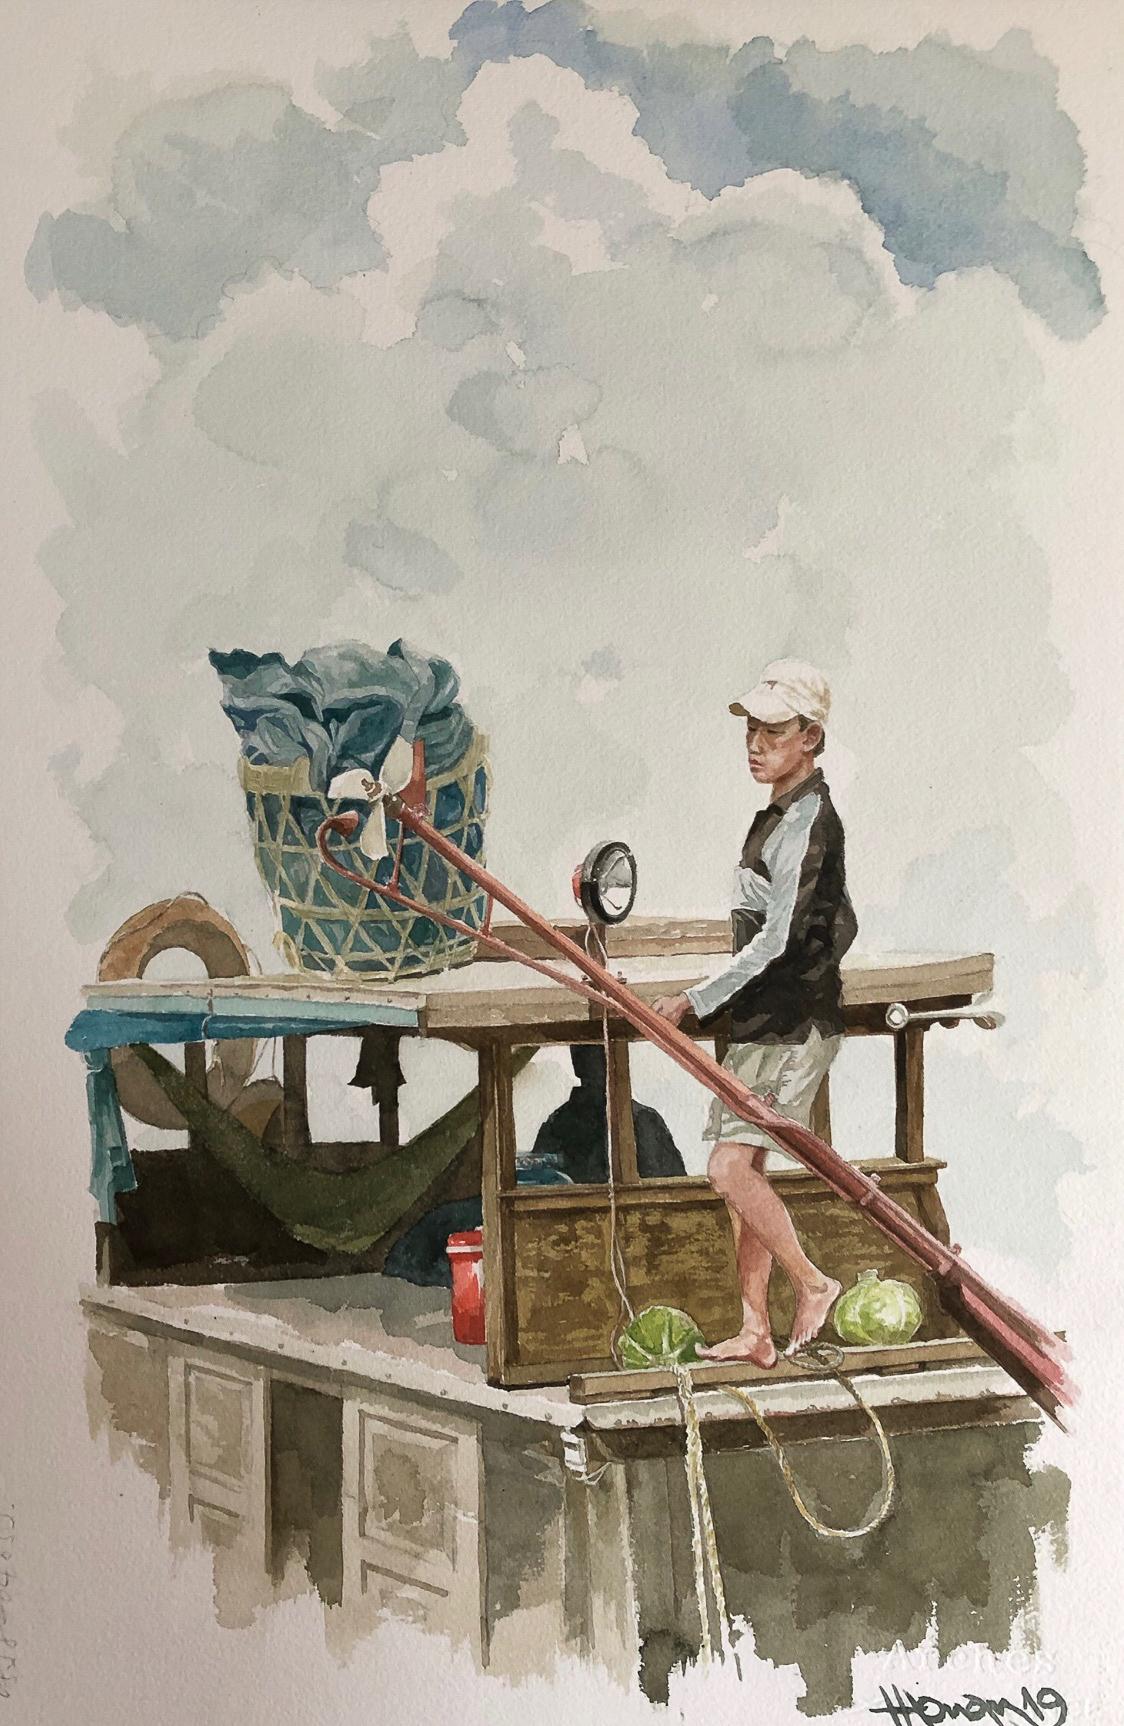 """Một thoáng """"Sông nước miền Tây"""" nên thơ của họa sĩ Hồng Quân - 06"""